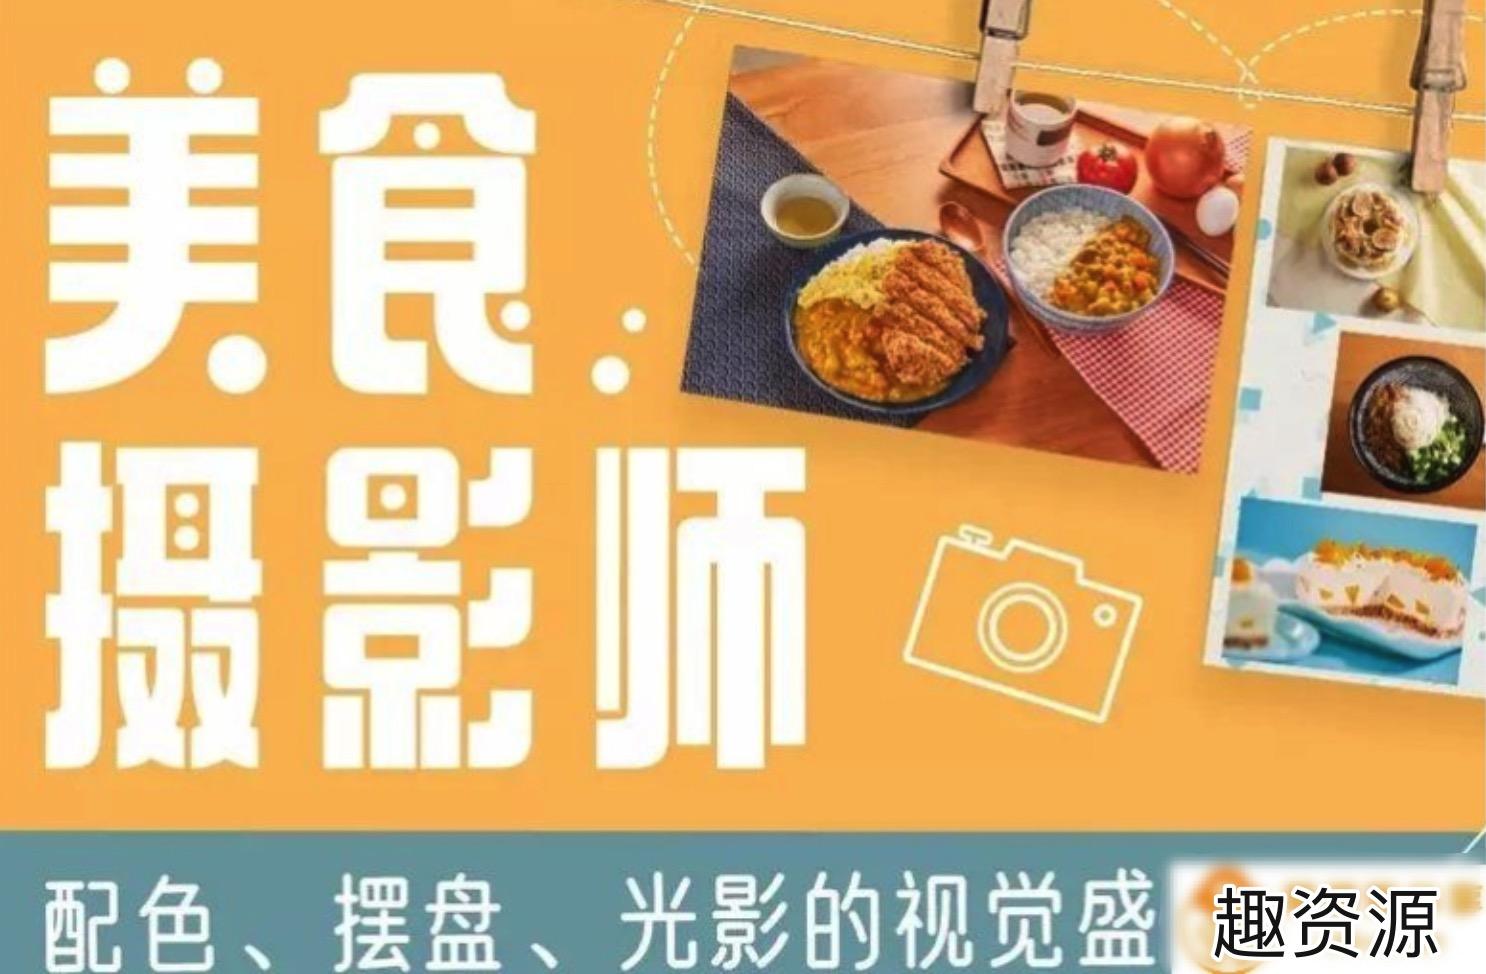 美食摄影师:配色、摆盘、光影的视觉飨宴 百度网盘